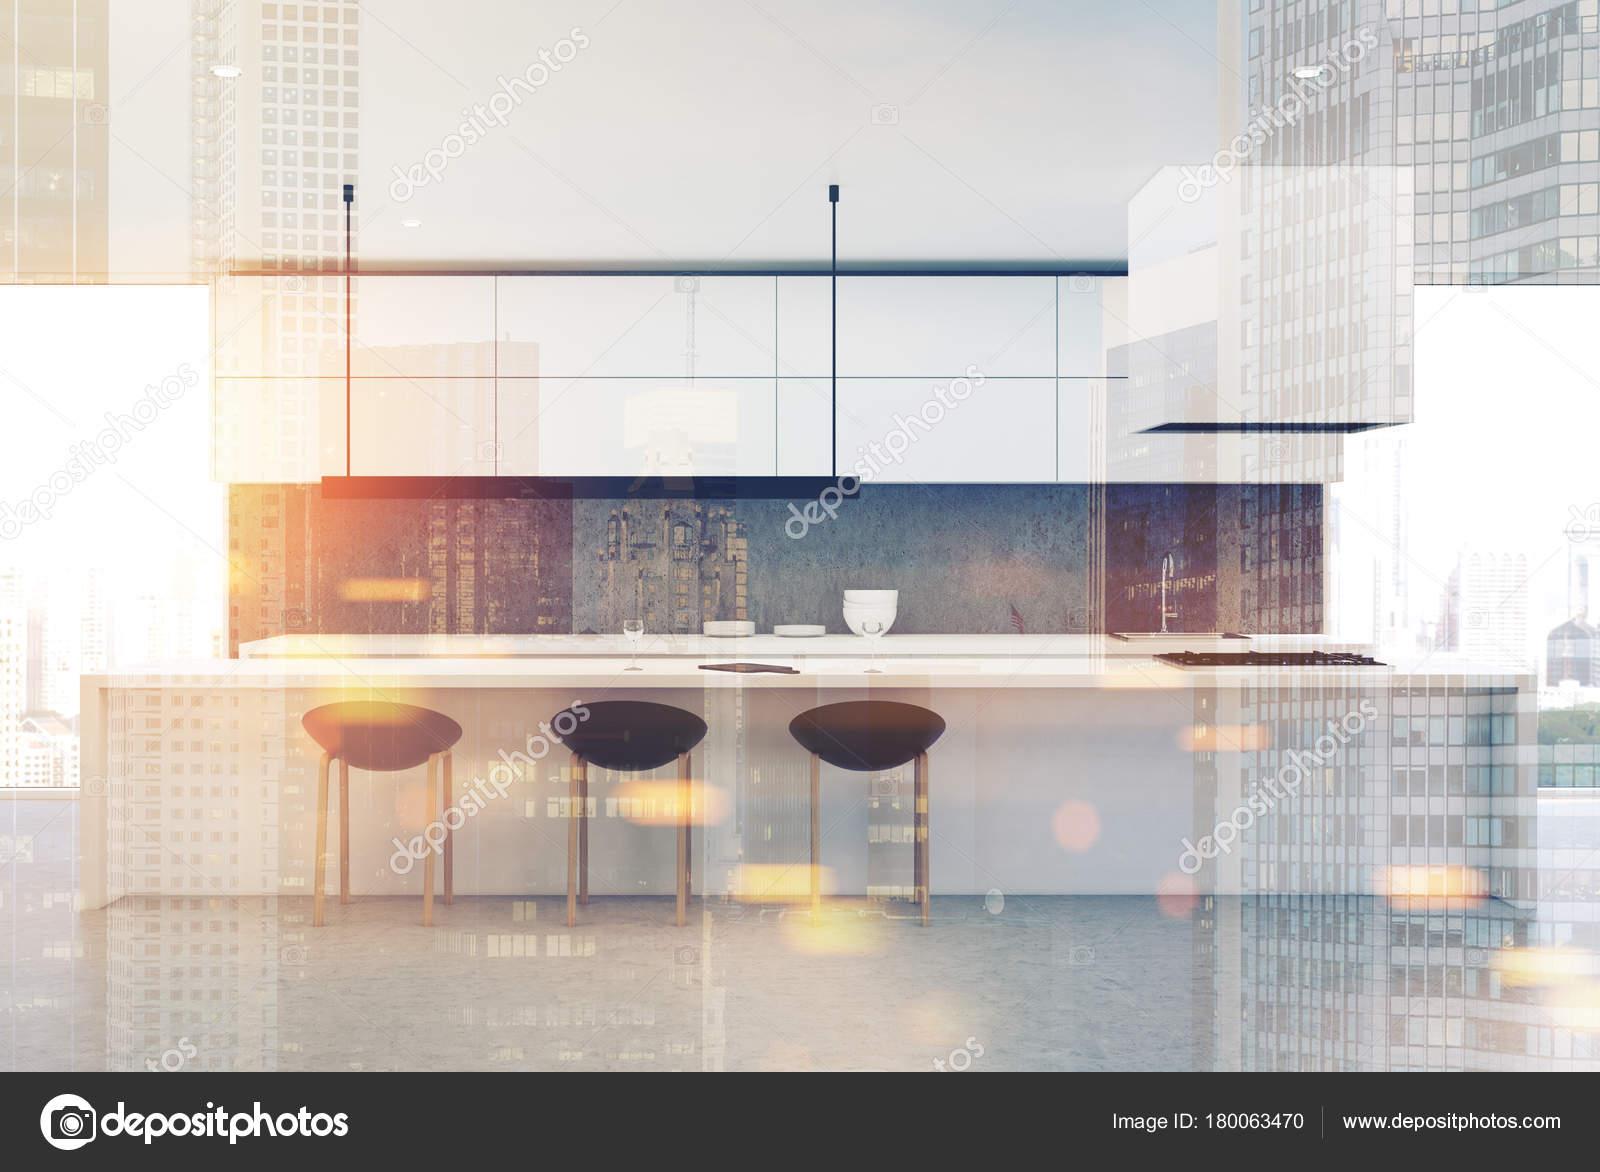 Cocina de piso de concreto, mesa blanca, frente entonado — Fotos de ...